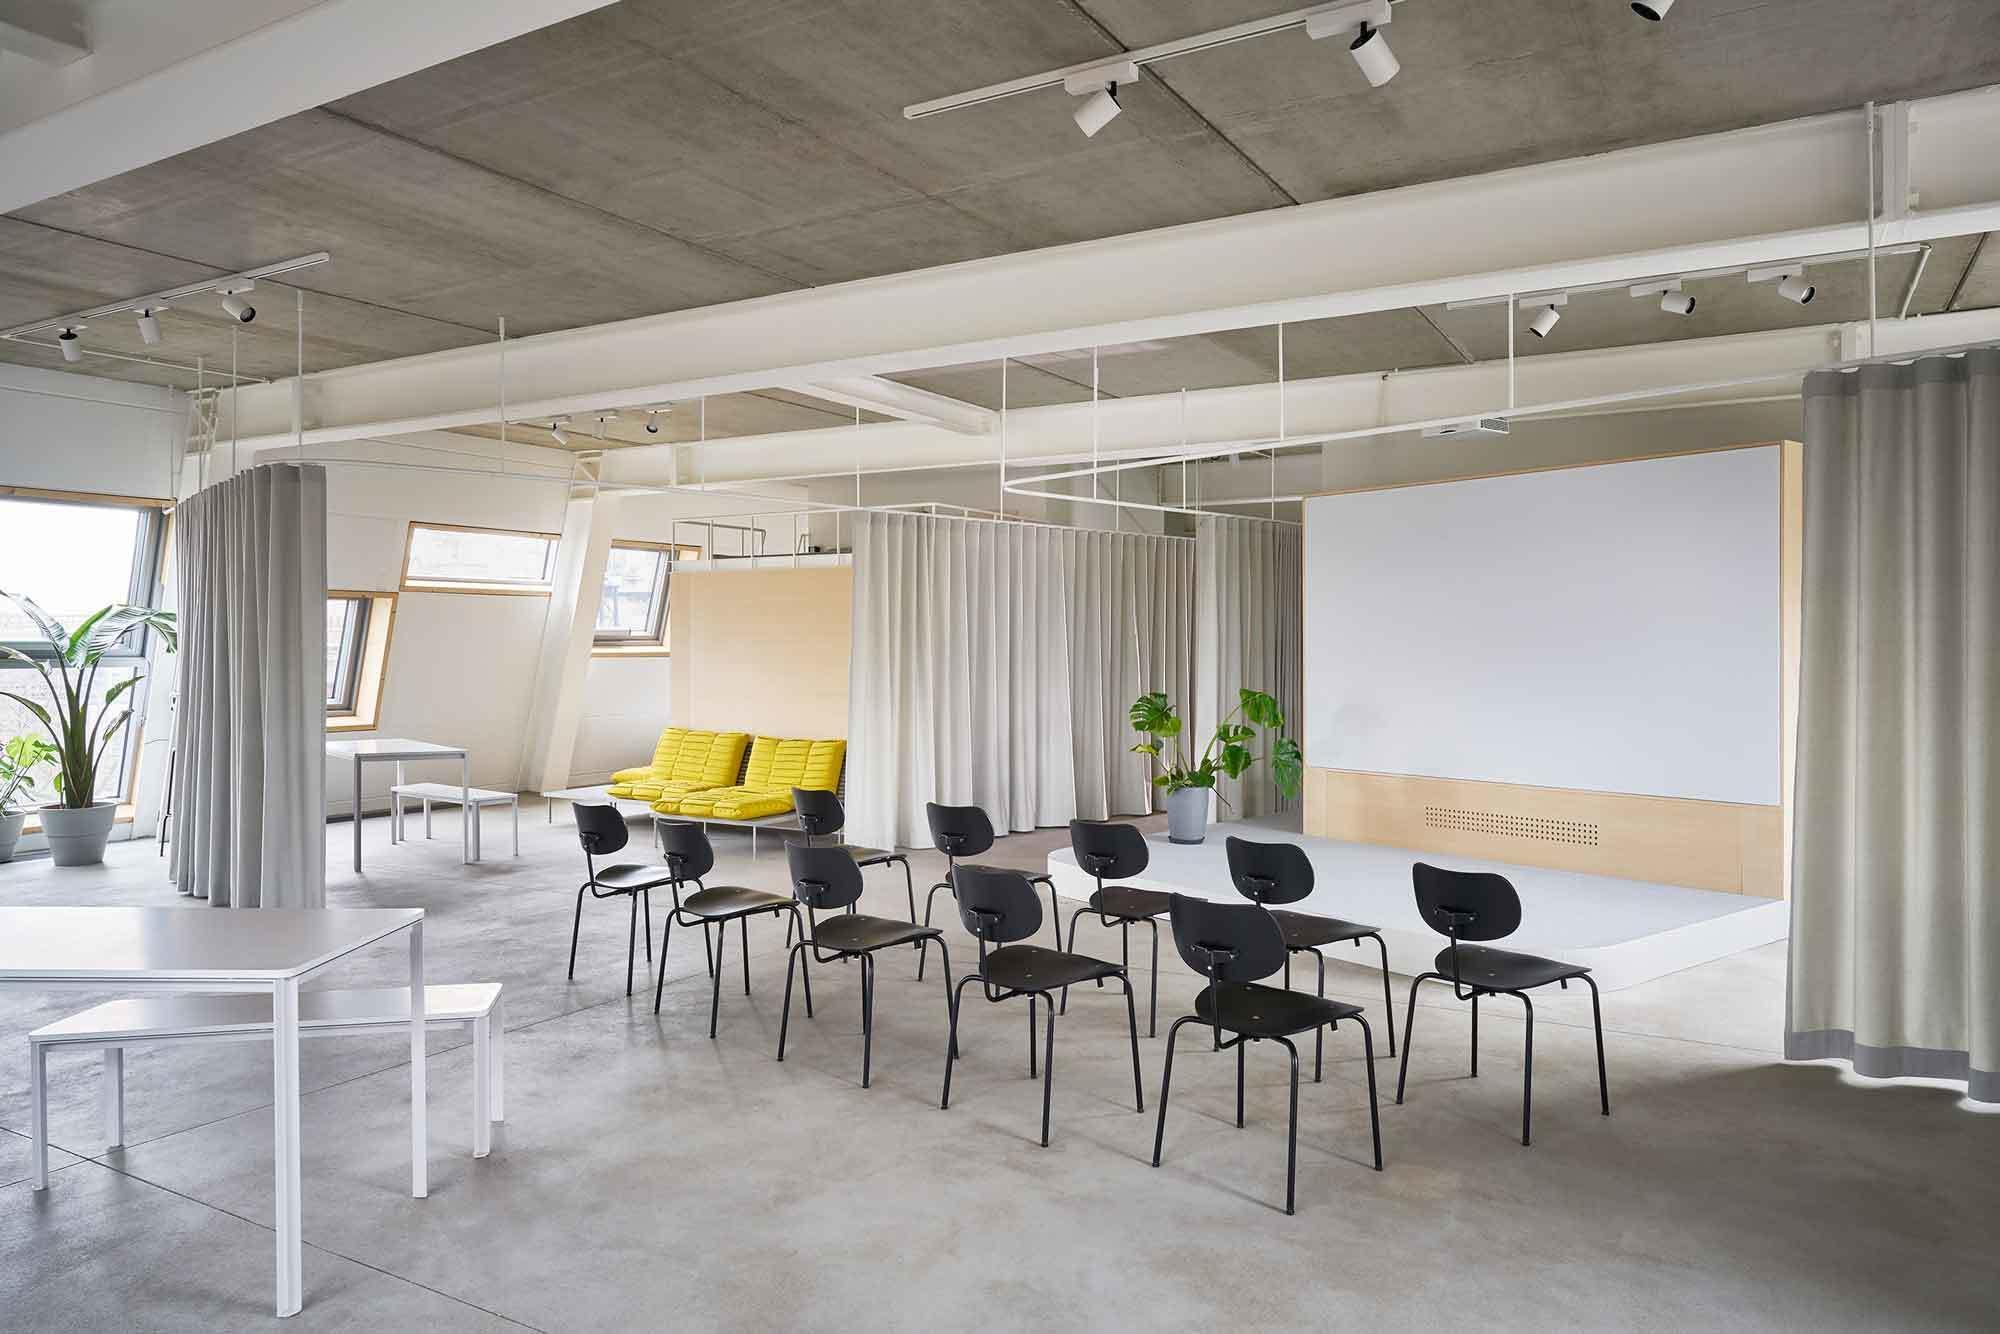 Vorhänge unterteilen den großen Büroraum und lassen verschiedene Nutzungen zu.